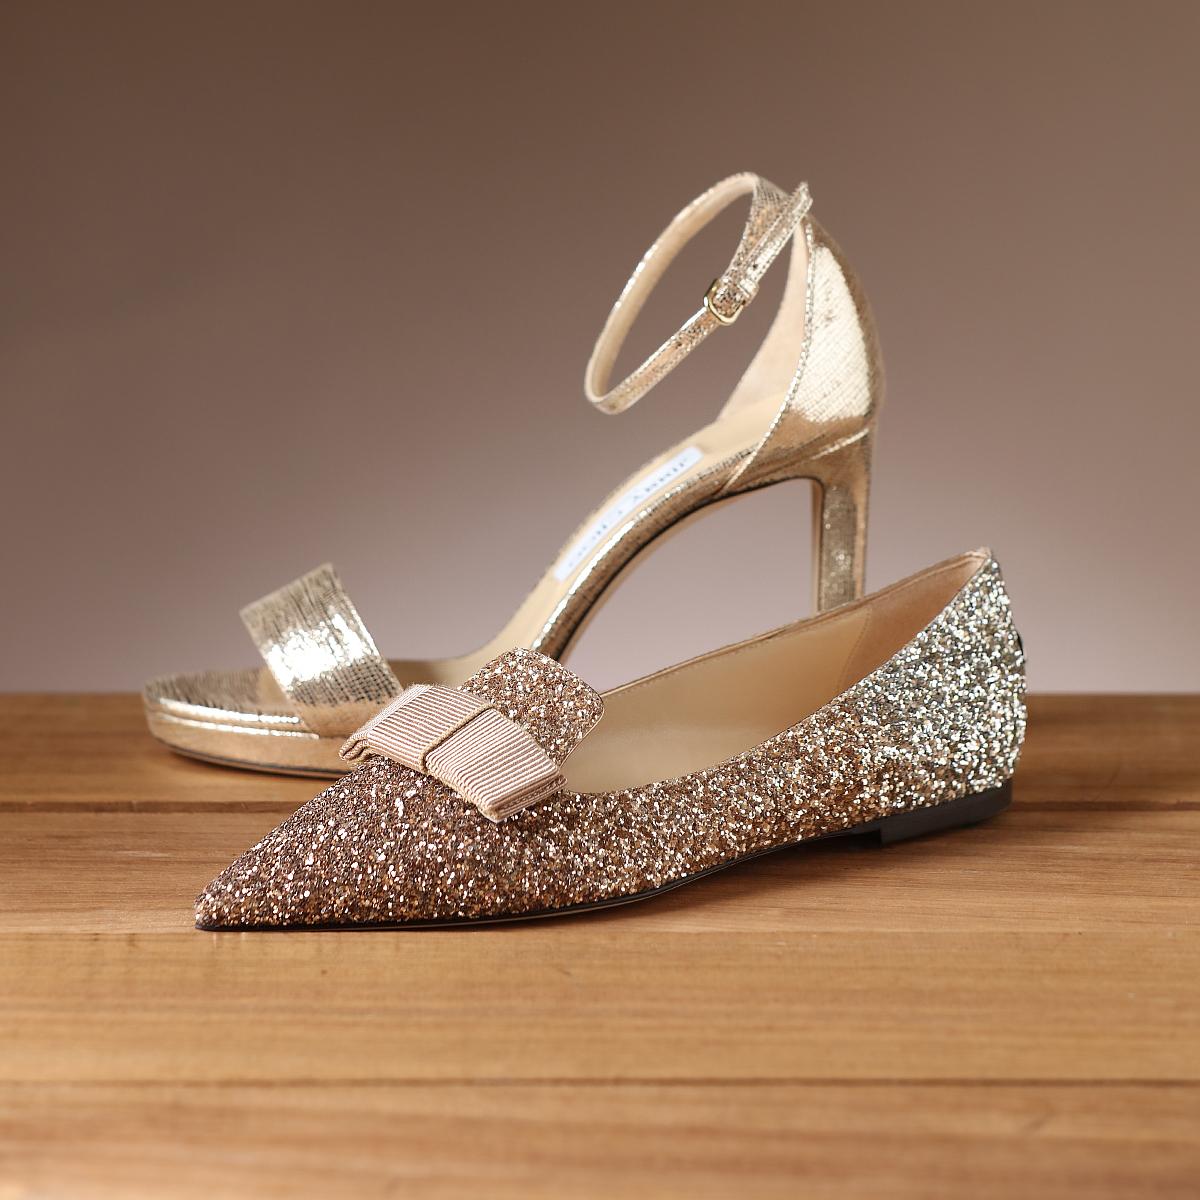 周仰杰(Jimmy Choo)女鞋